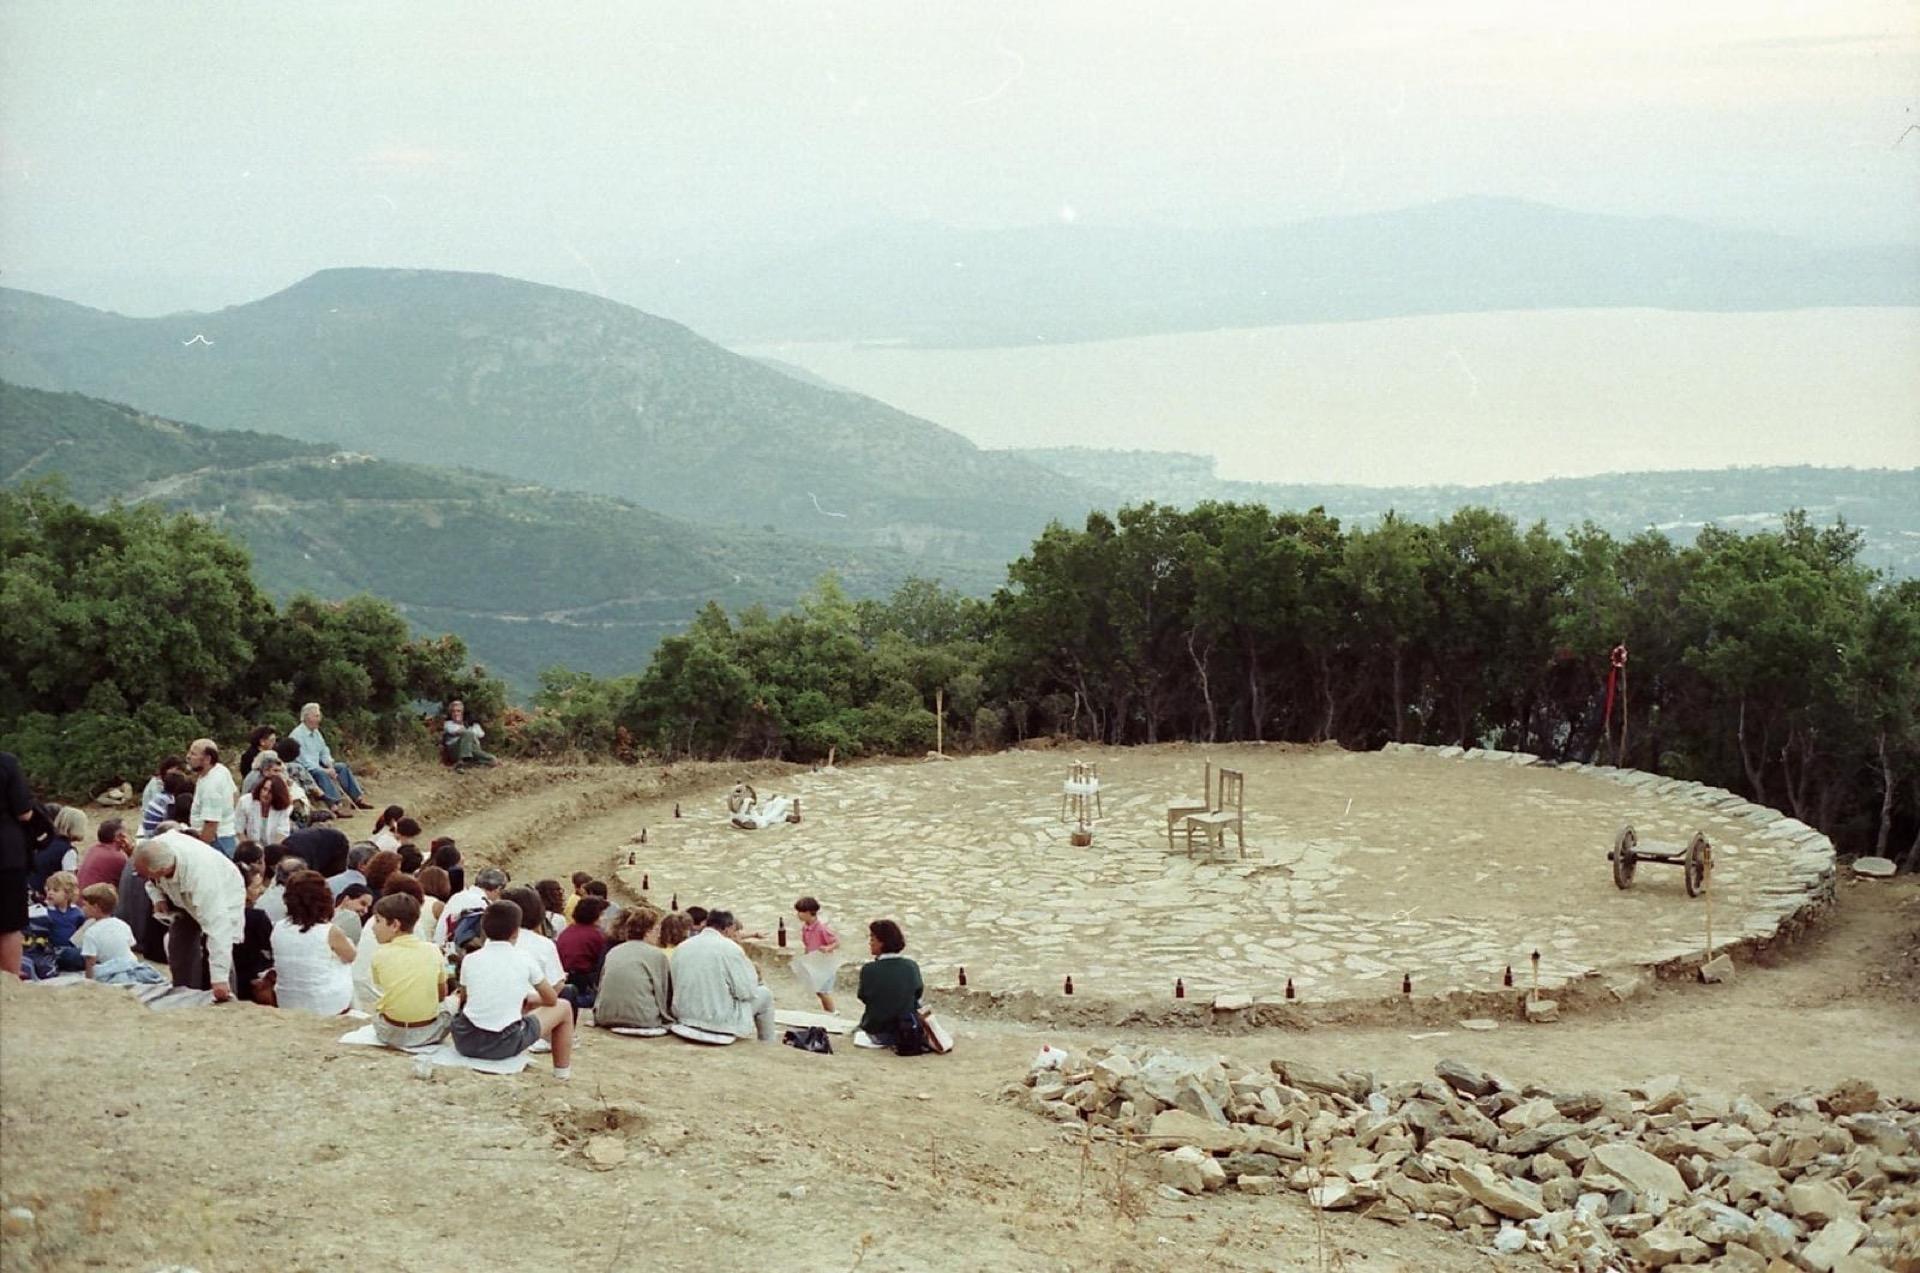 Ο ματωμένος γάμος του Λόρκα. Η πρώτη θεατρική παράσταση στο Αλώνι το 1996.